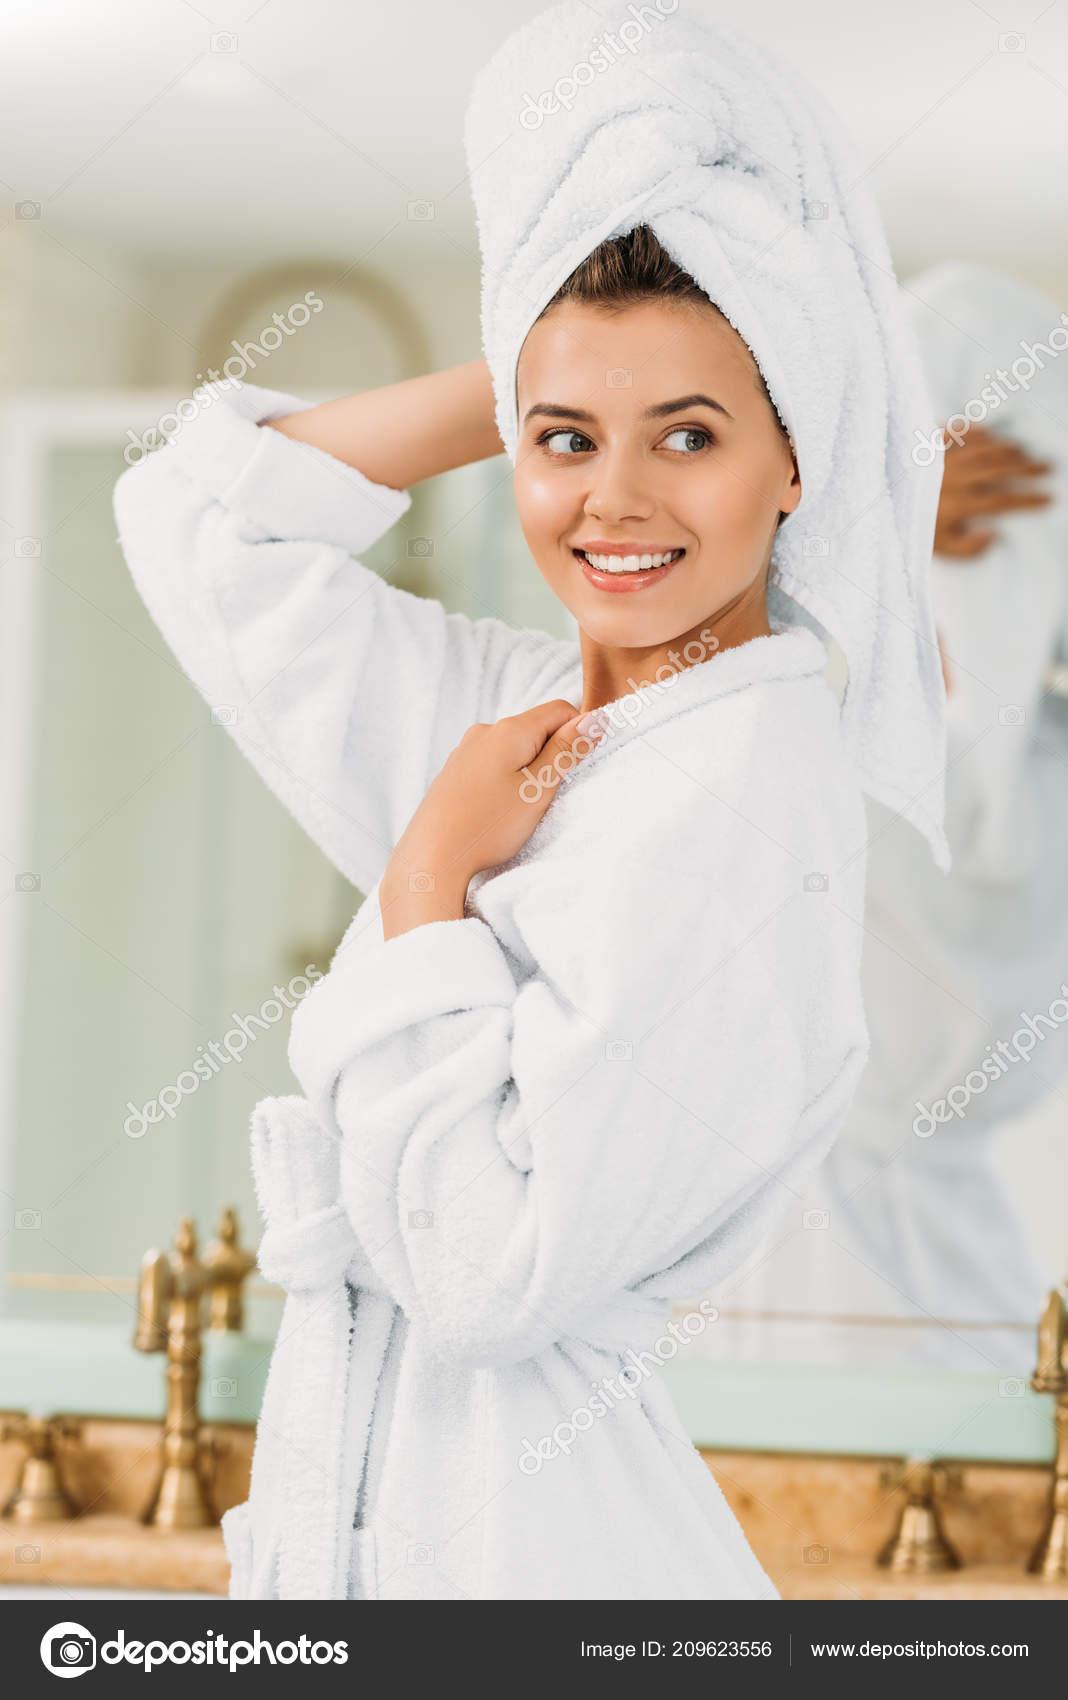 Fürdőköpeny Törölköző Keres Fürdőszoba Fején Szép Mosolygó Lány ... 0ea0afcb8d